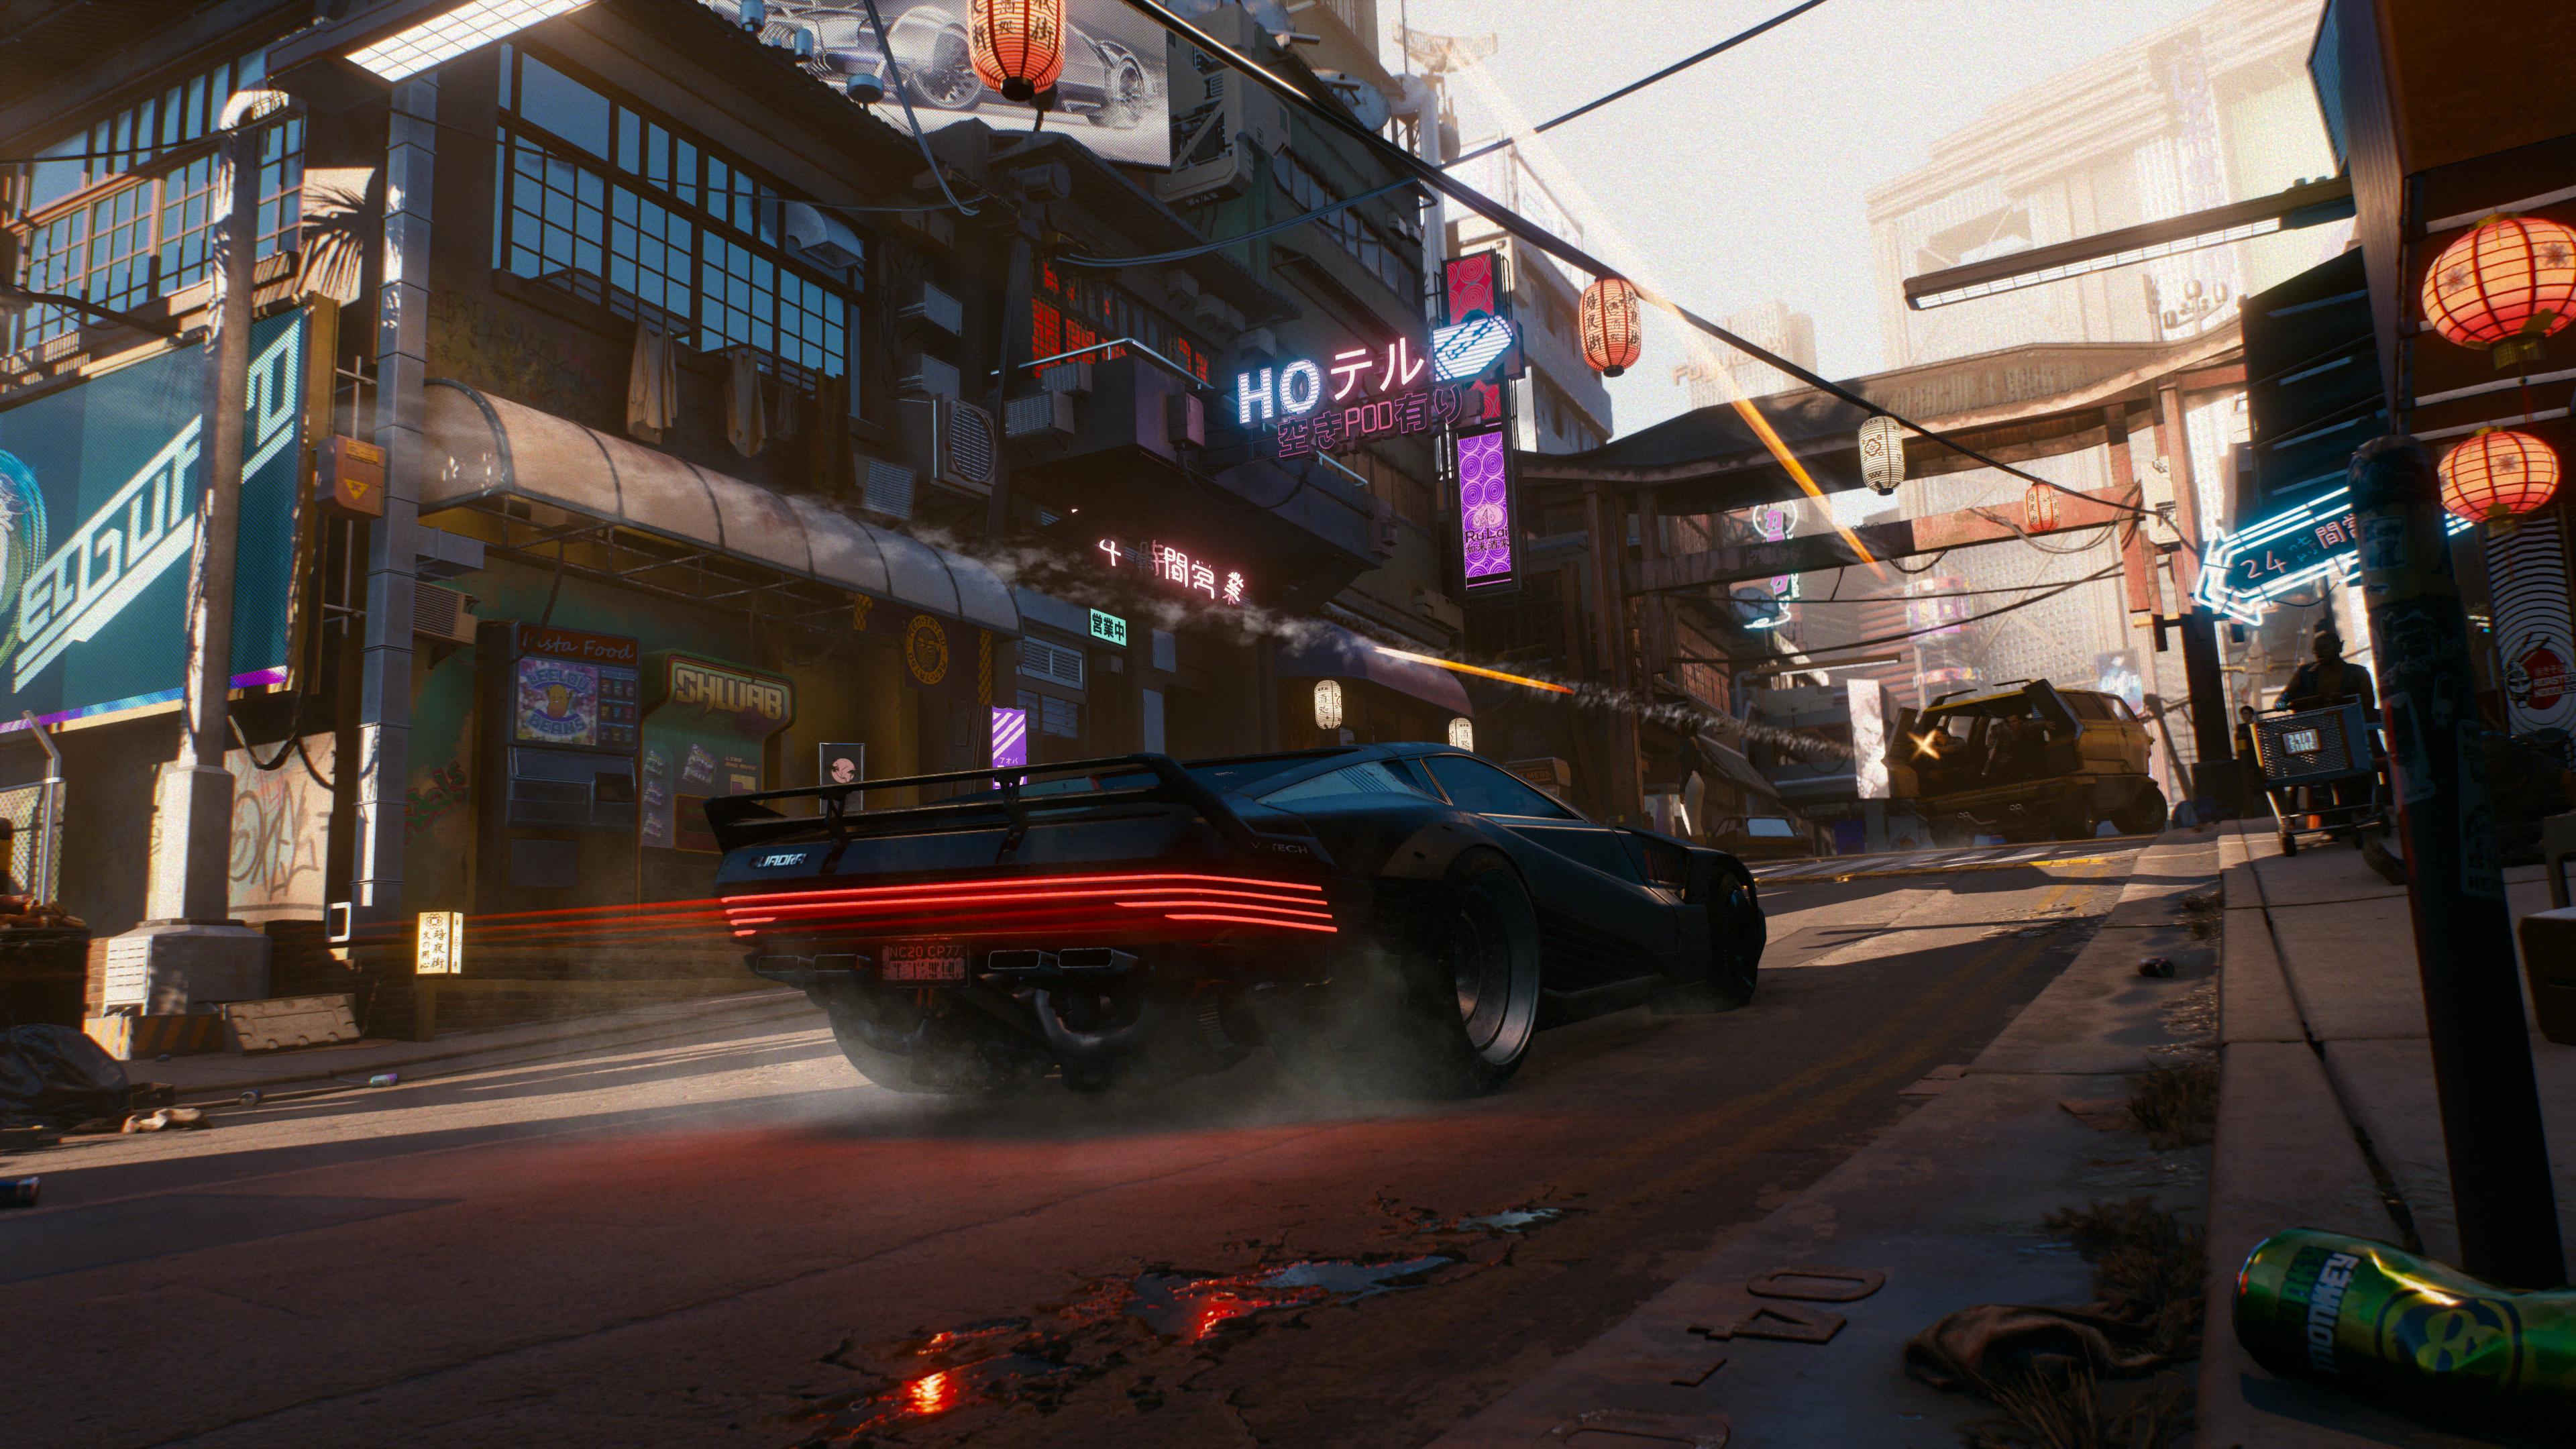 Cyberpunk 2077 - Blade Runner vehicles?